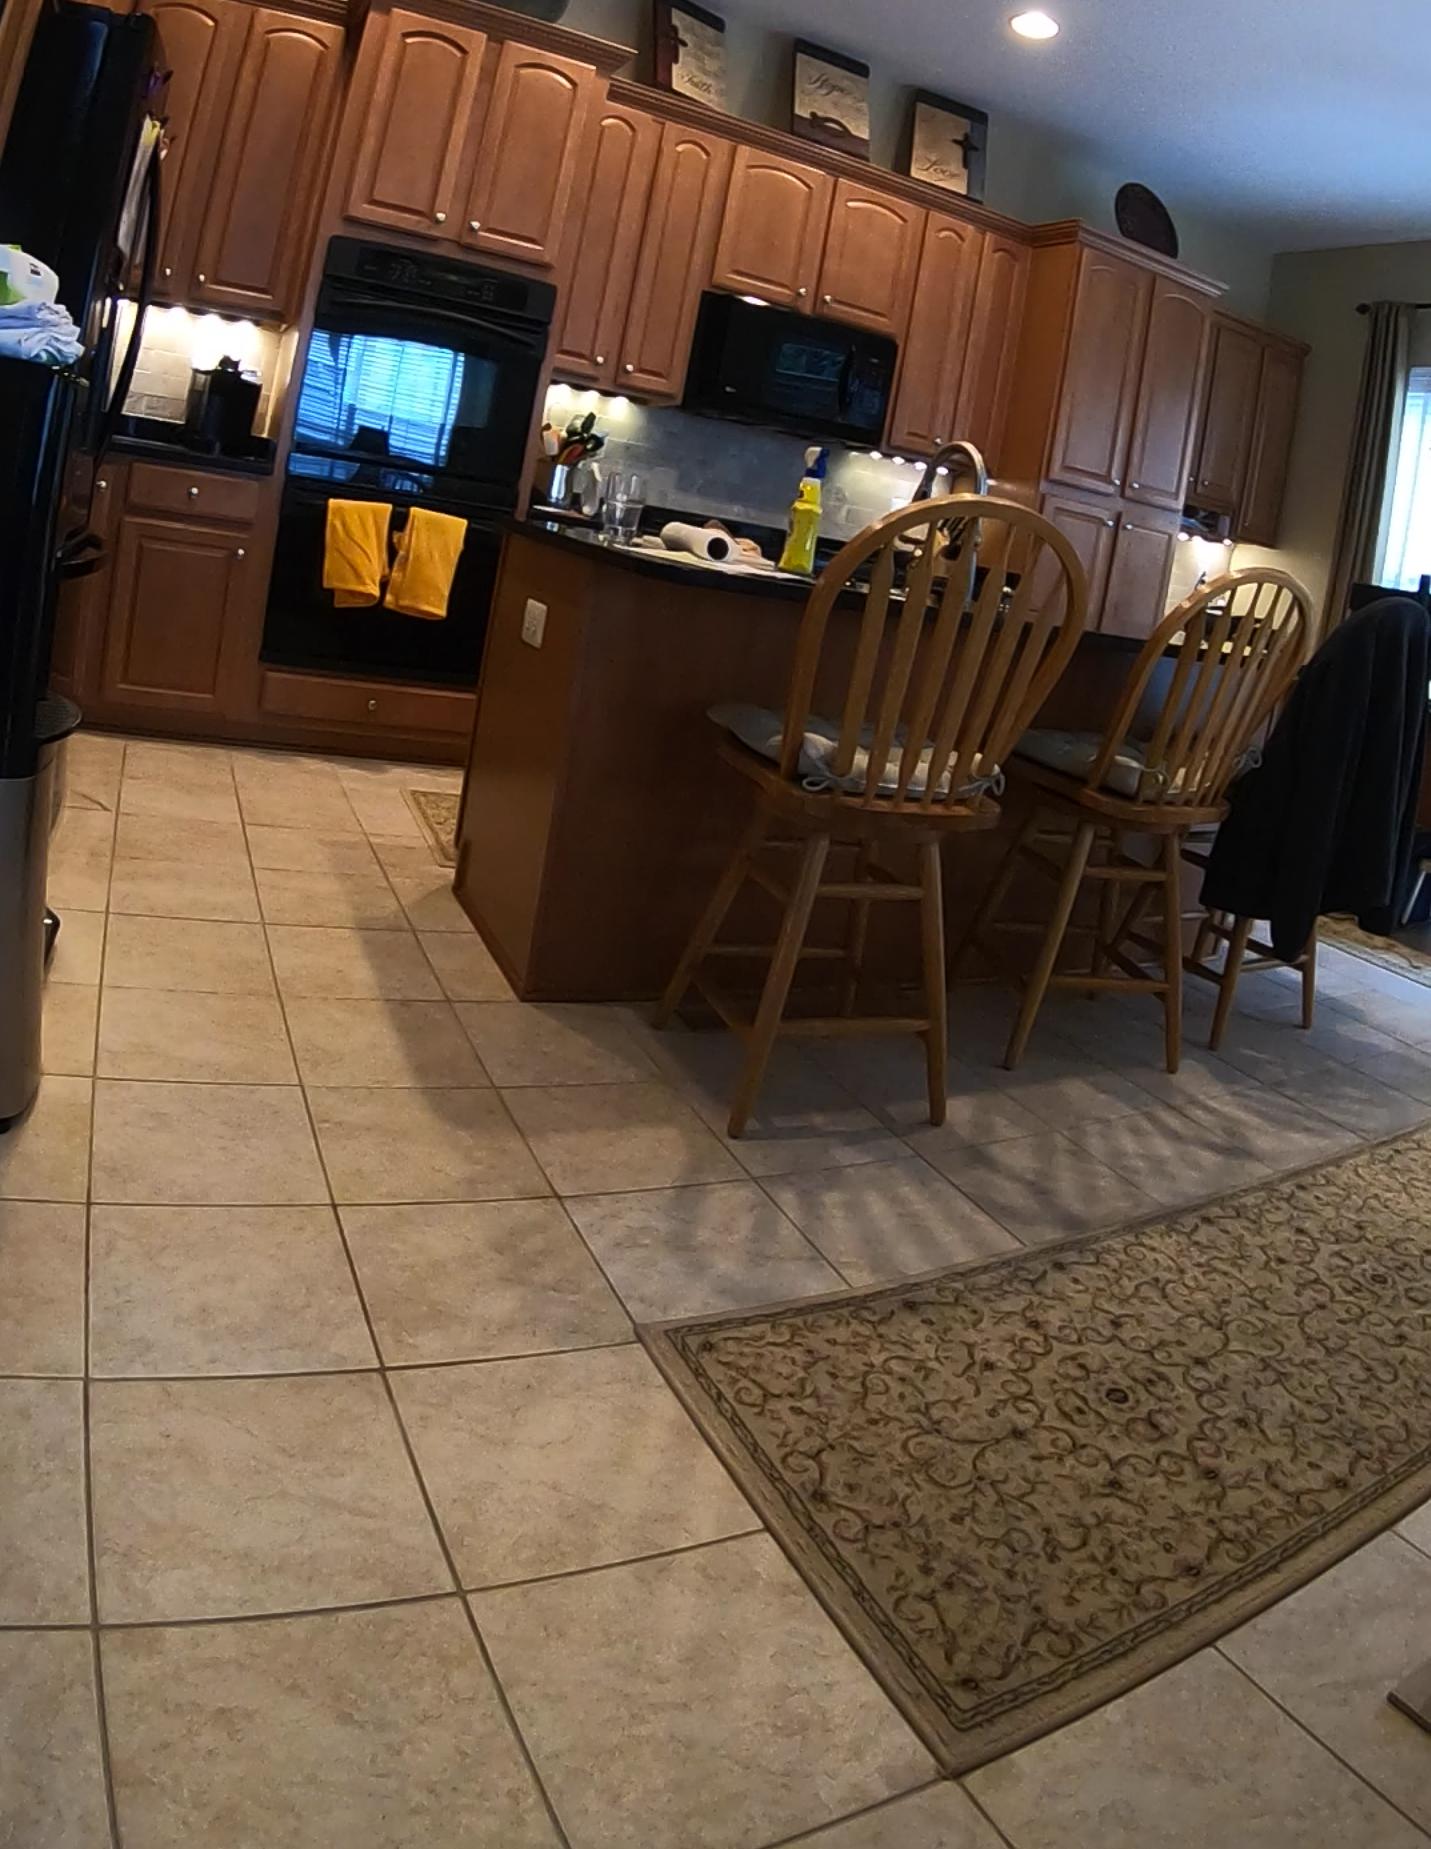 herndon kitchen tile floor before.png